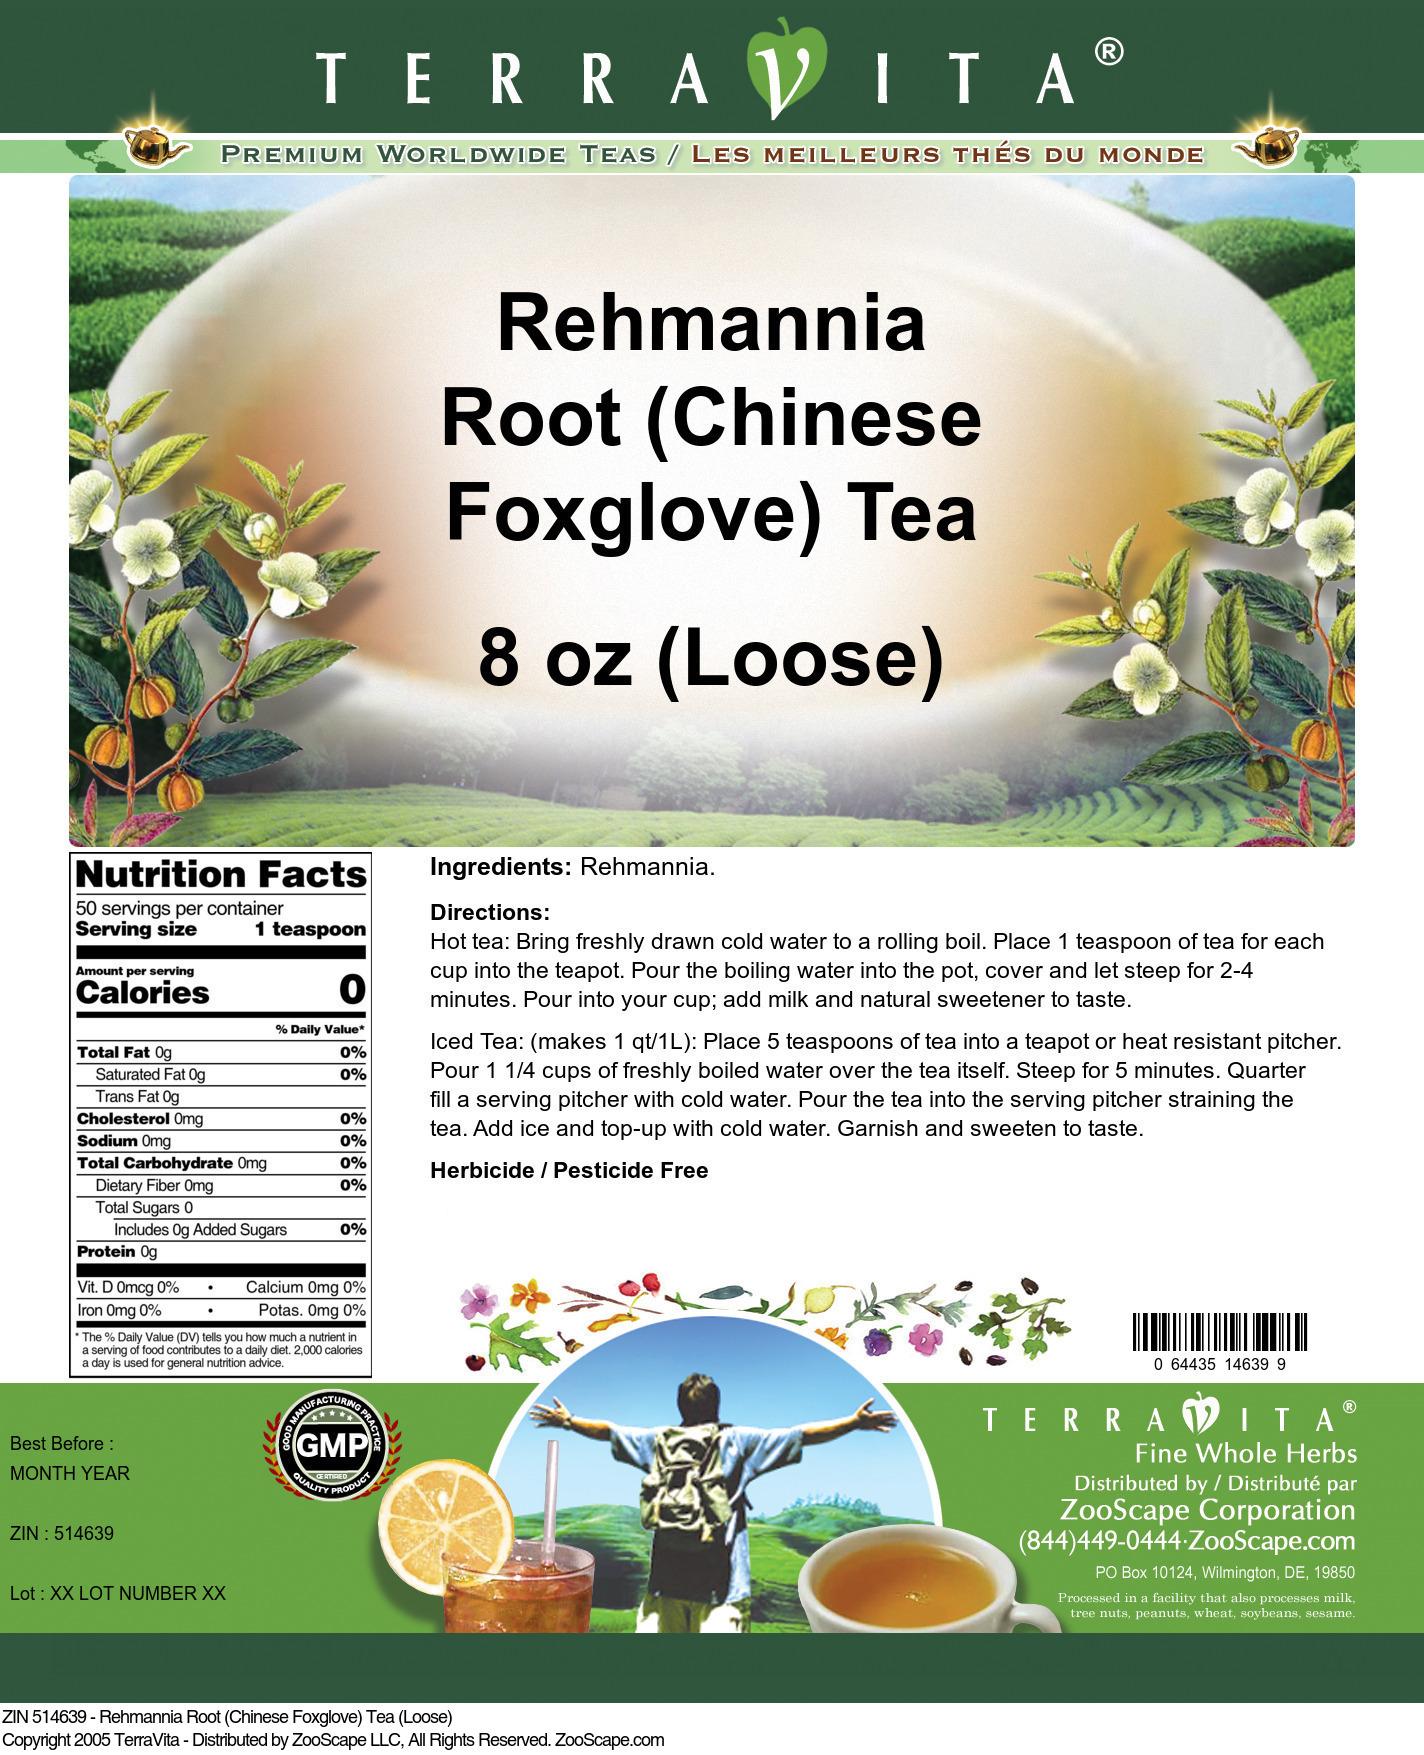 Rehmannia Root (Chinese Foxglove) Tea (Loose)